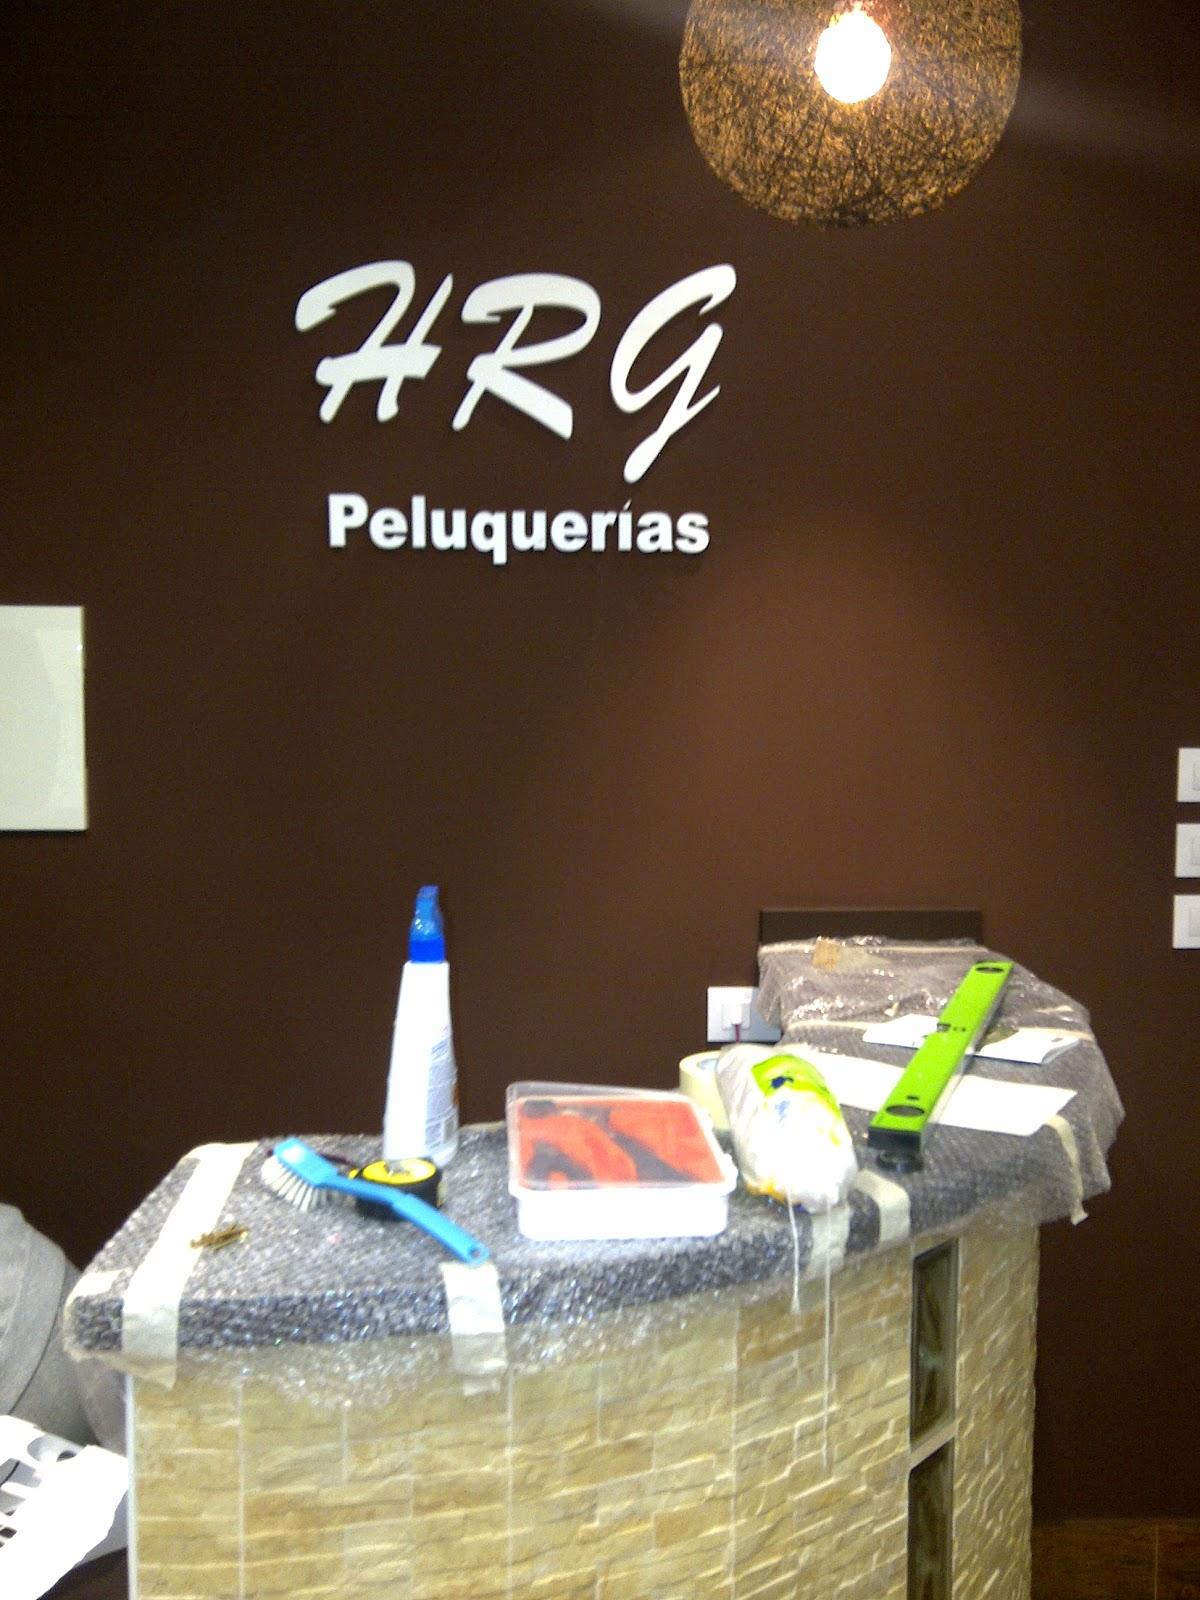 Rotubosque servicios publicitarios decoraci n for Decoracion en peluquerias